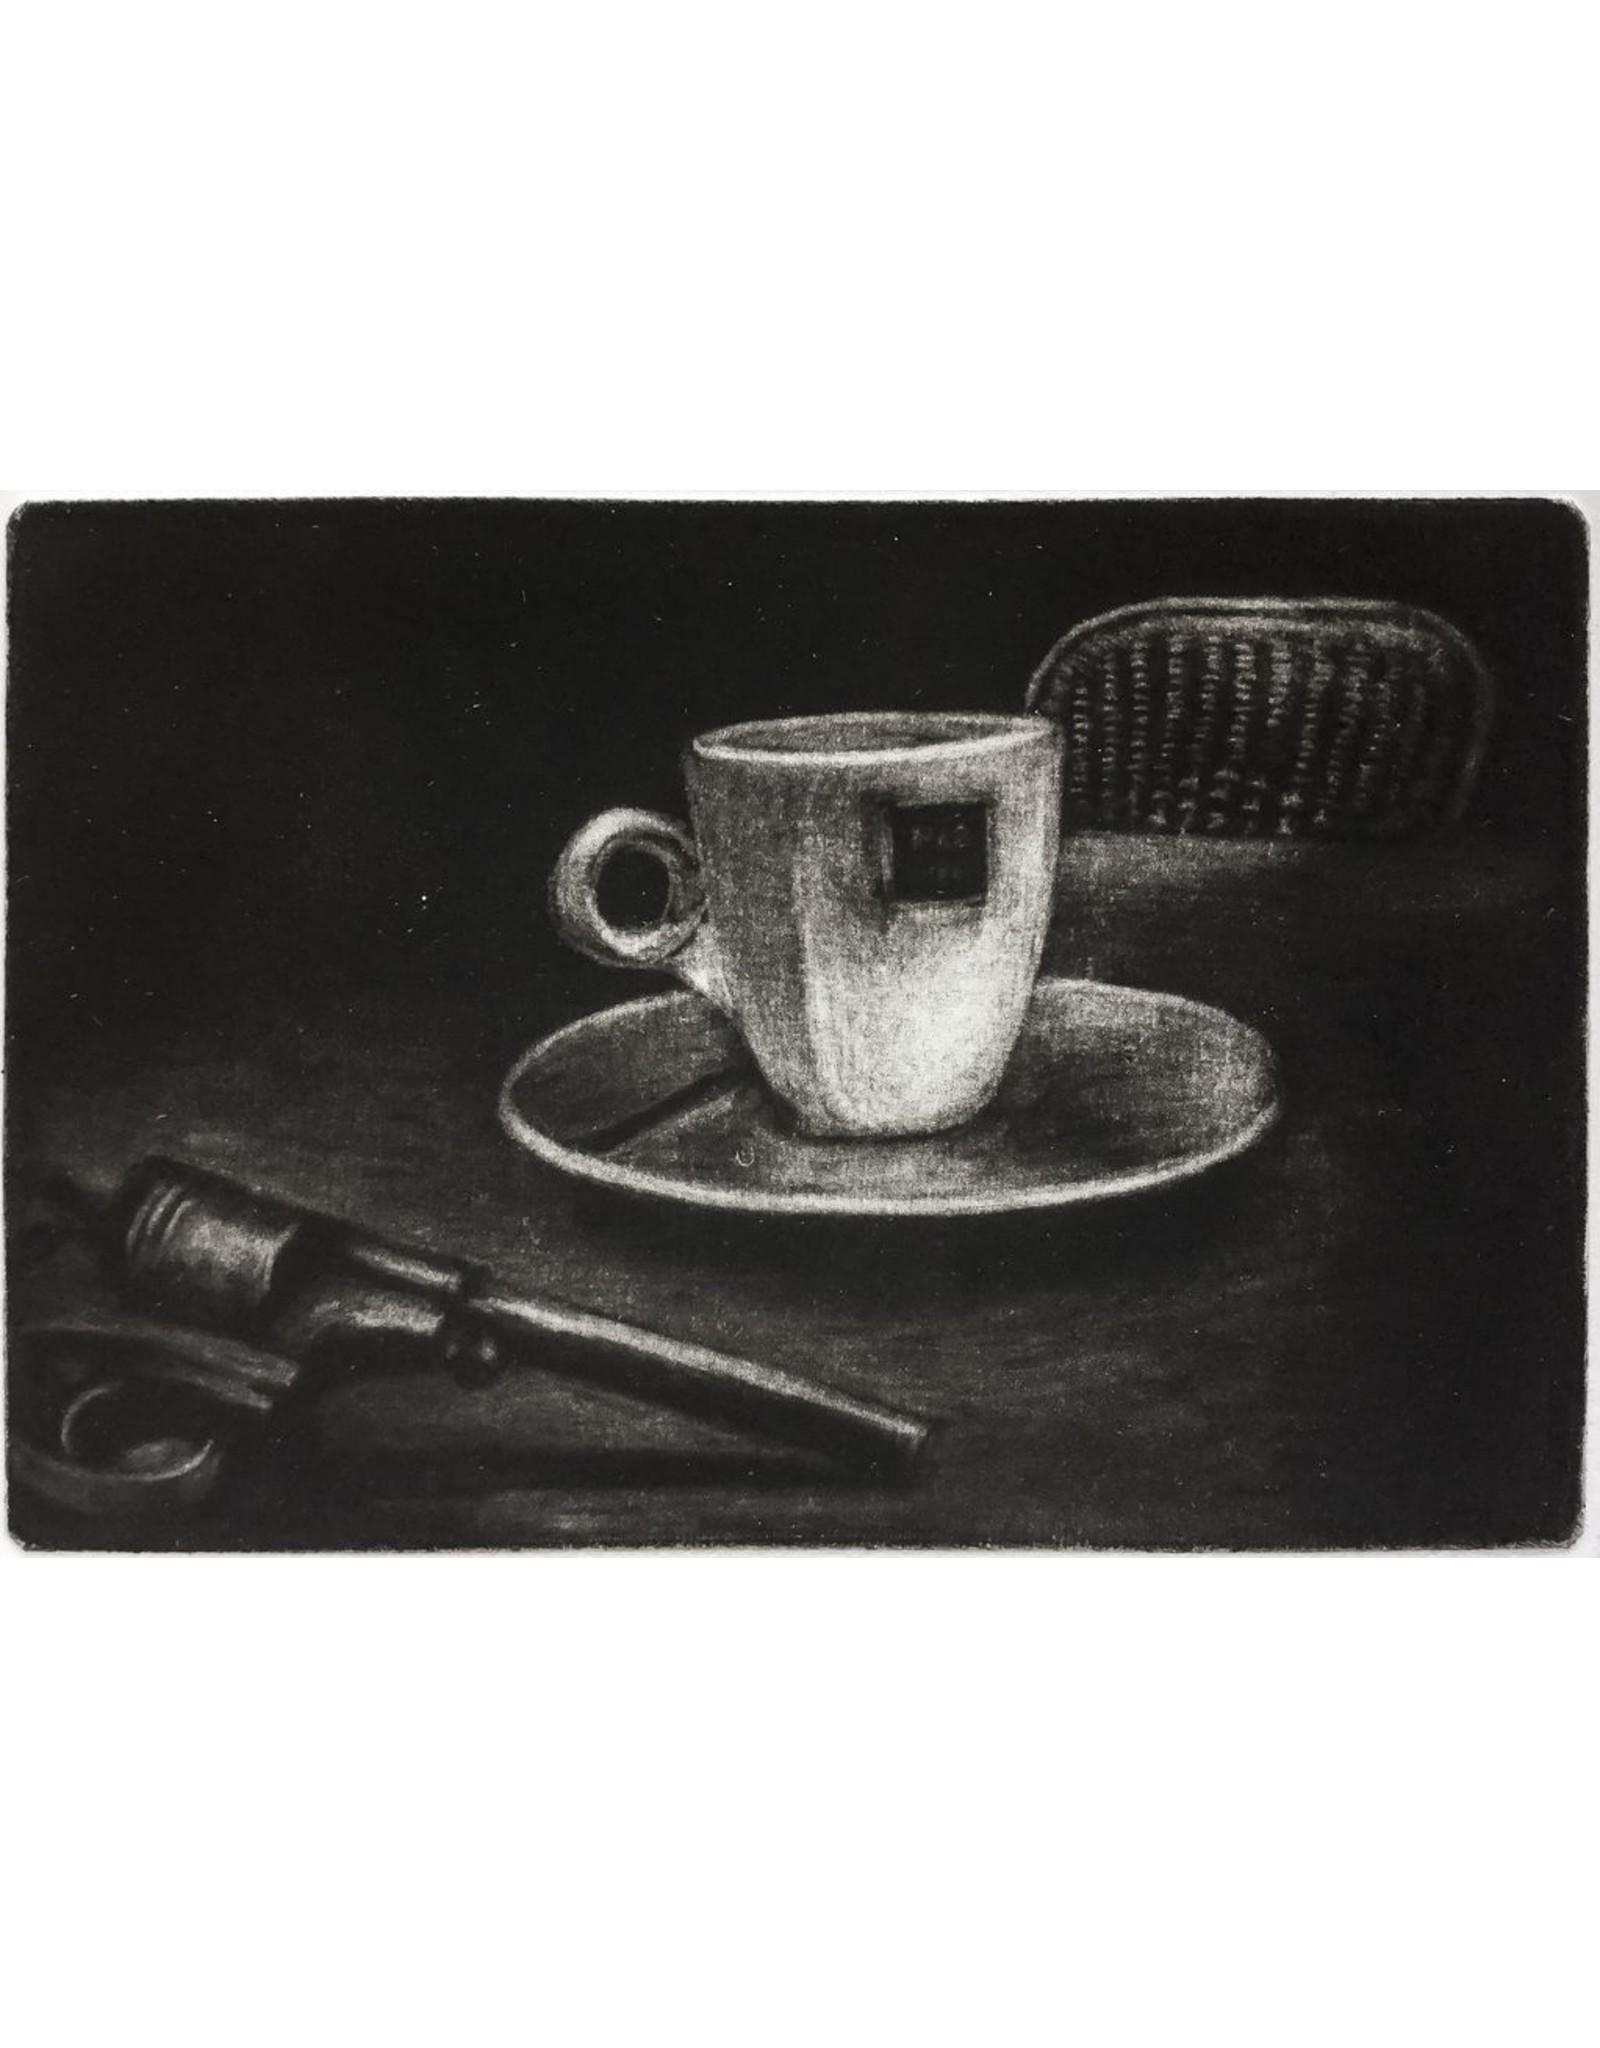 Howorth, E.J. Coffee Break